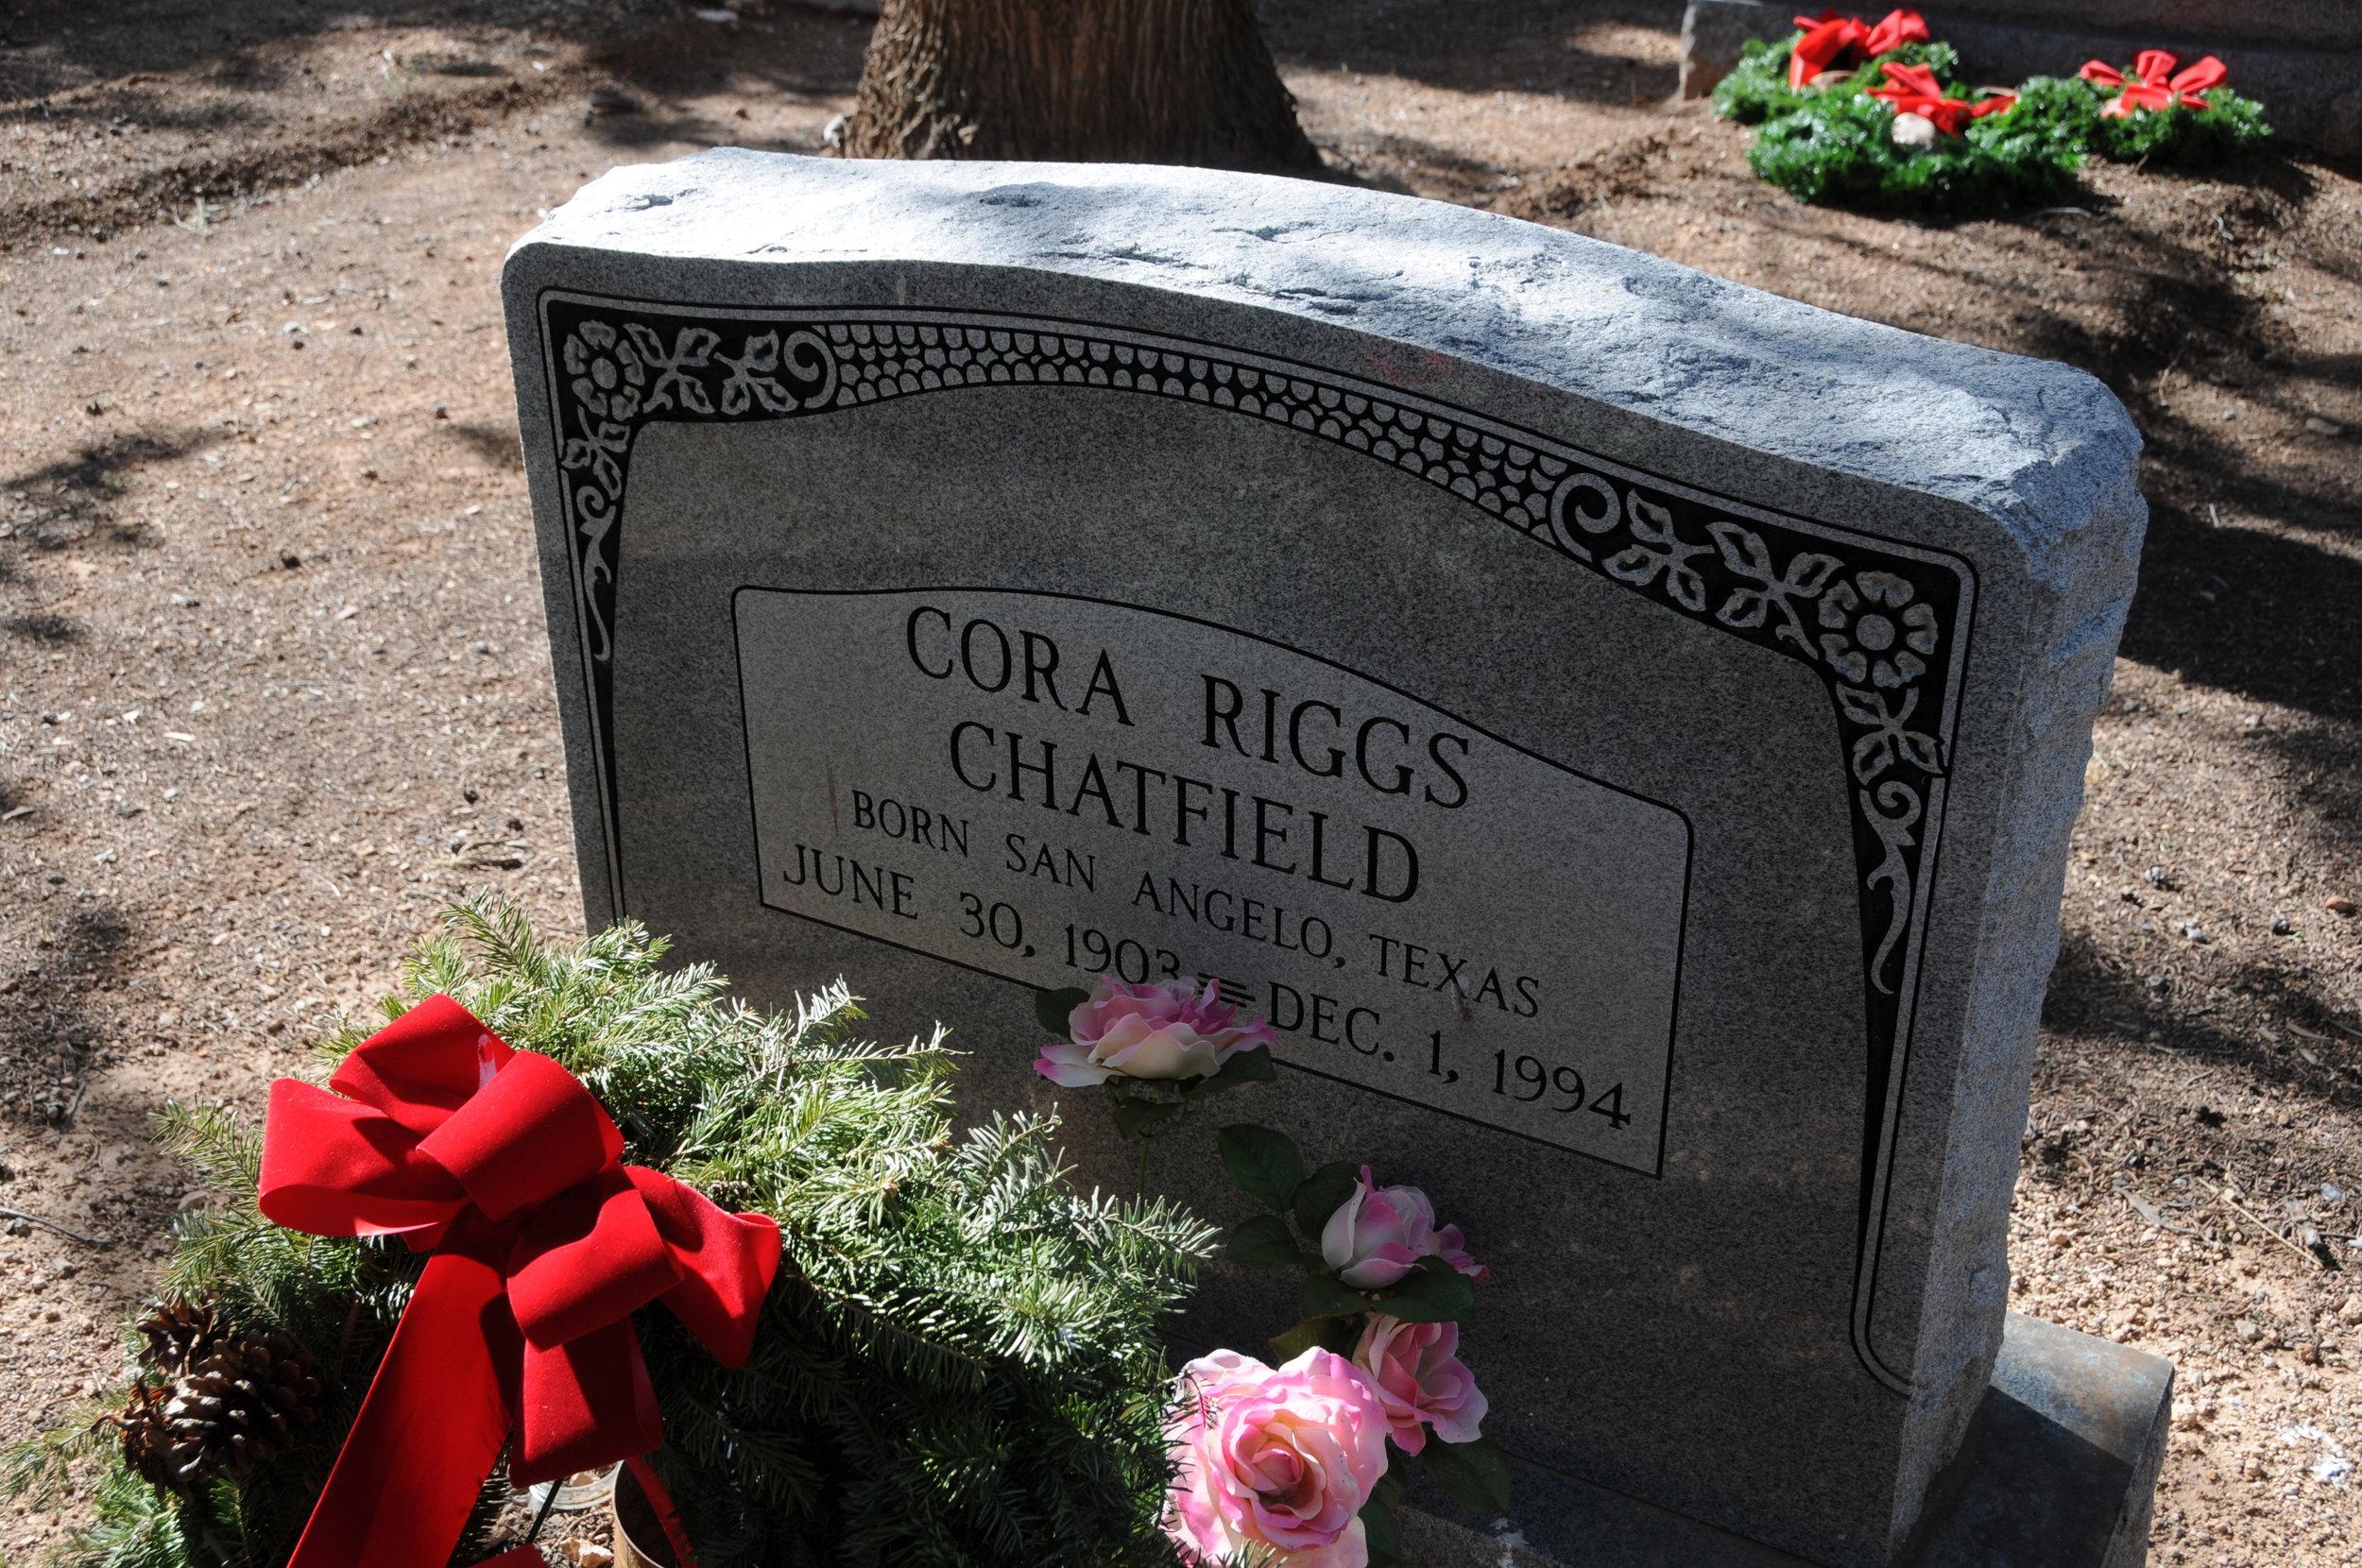 2k CORA (RIGGS) CHATFIELD